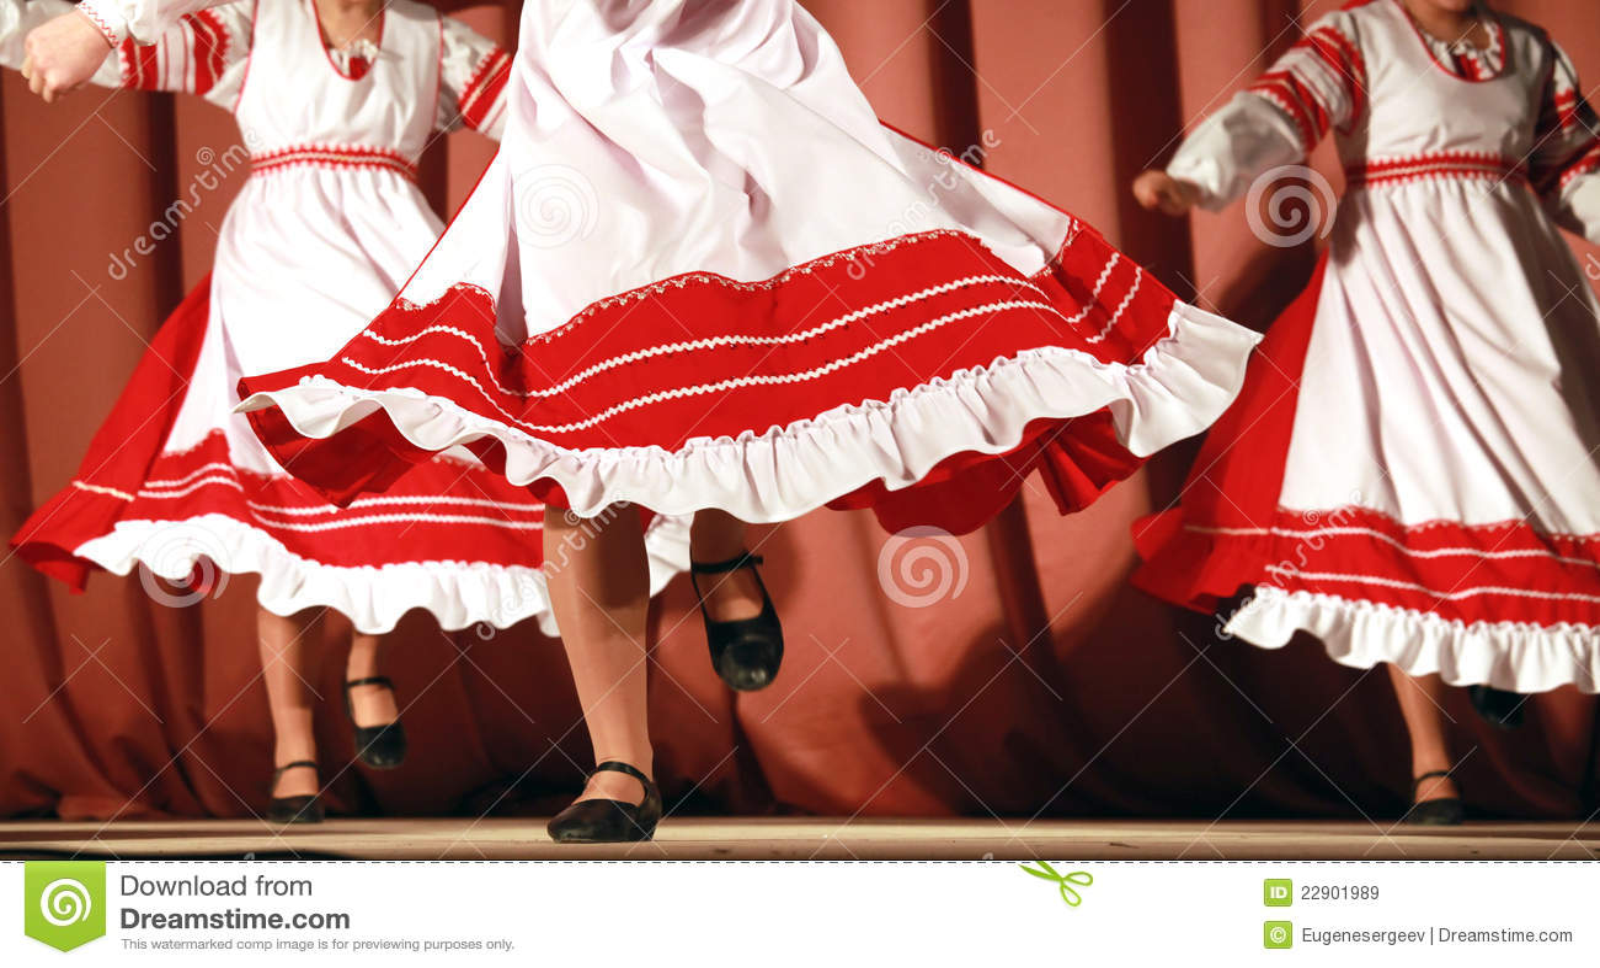 У танцующей под юбкой 17 фотография